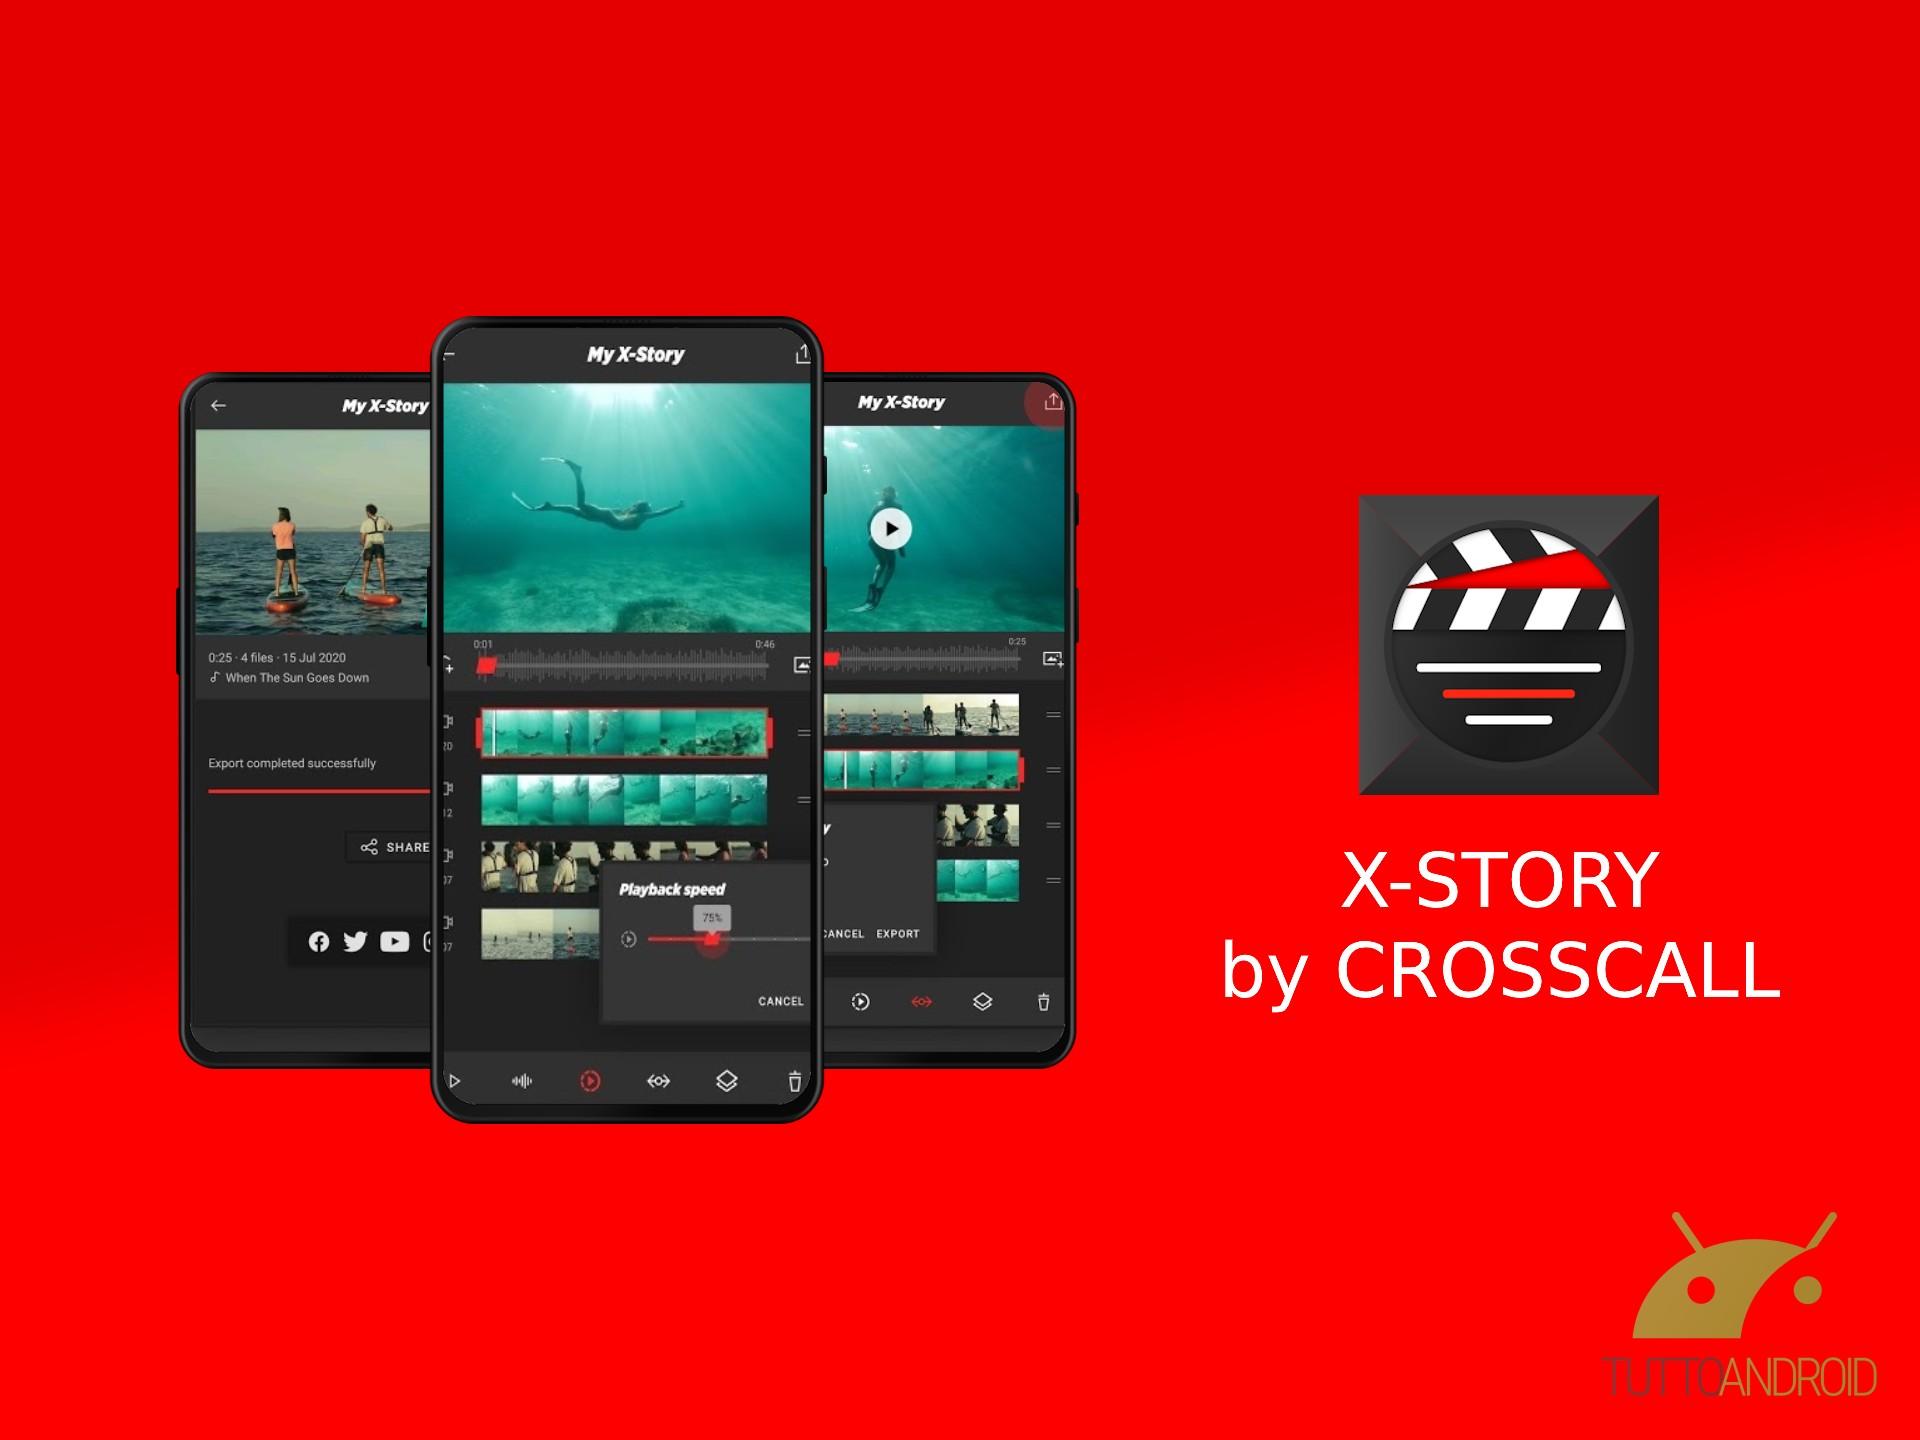 X-STORY è l'app giusta per creare i video delle vostre avventure outdoor